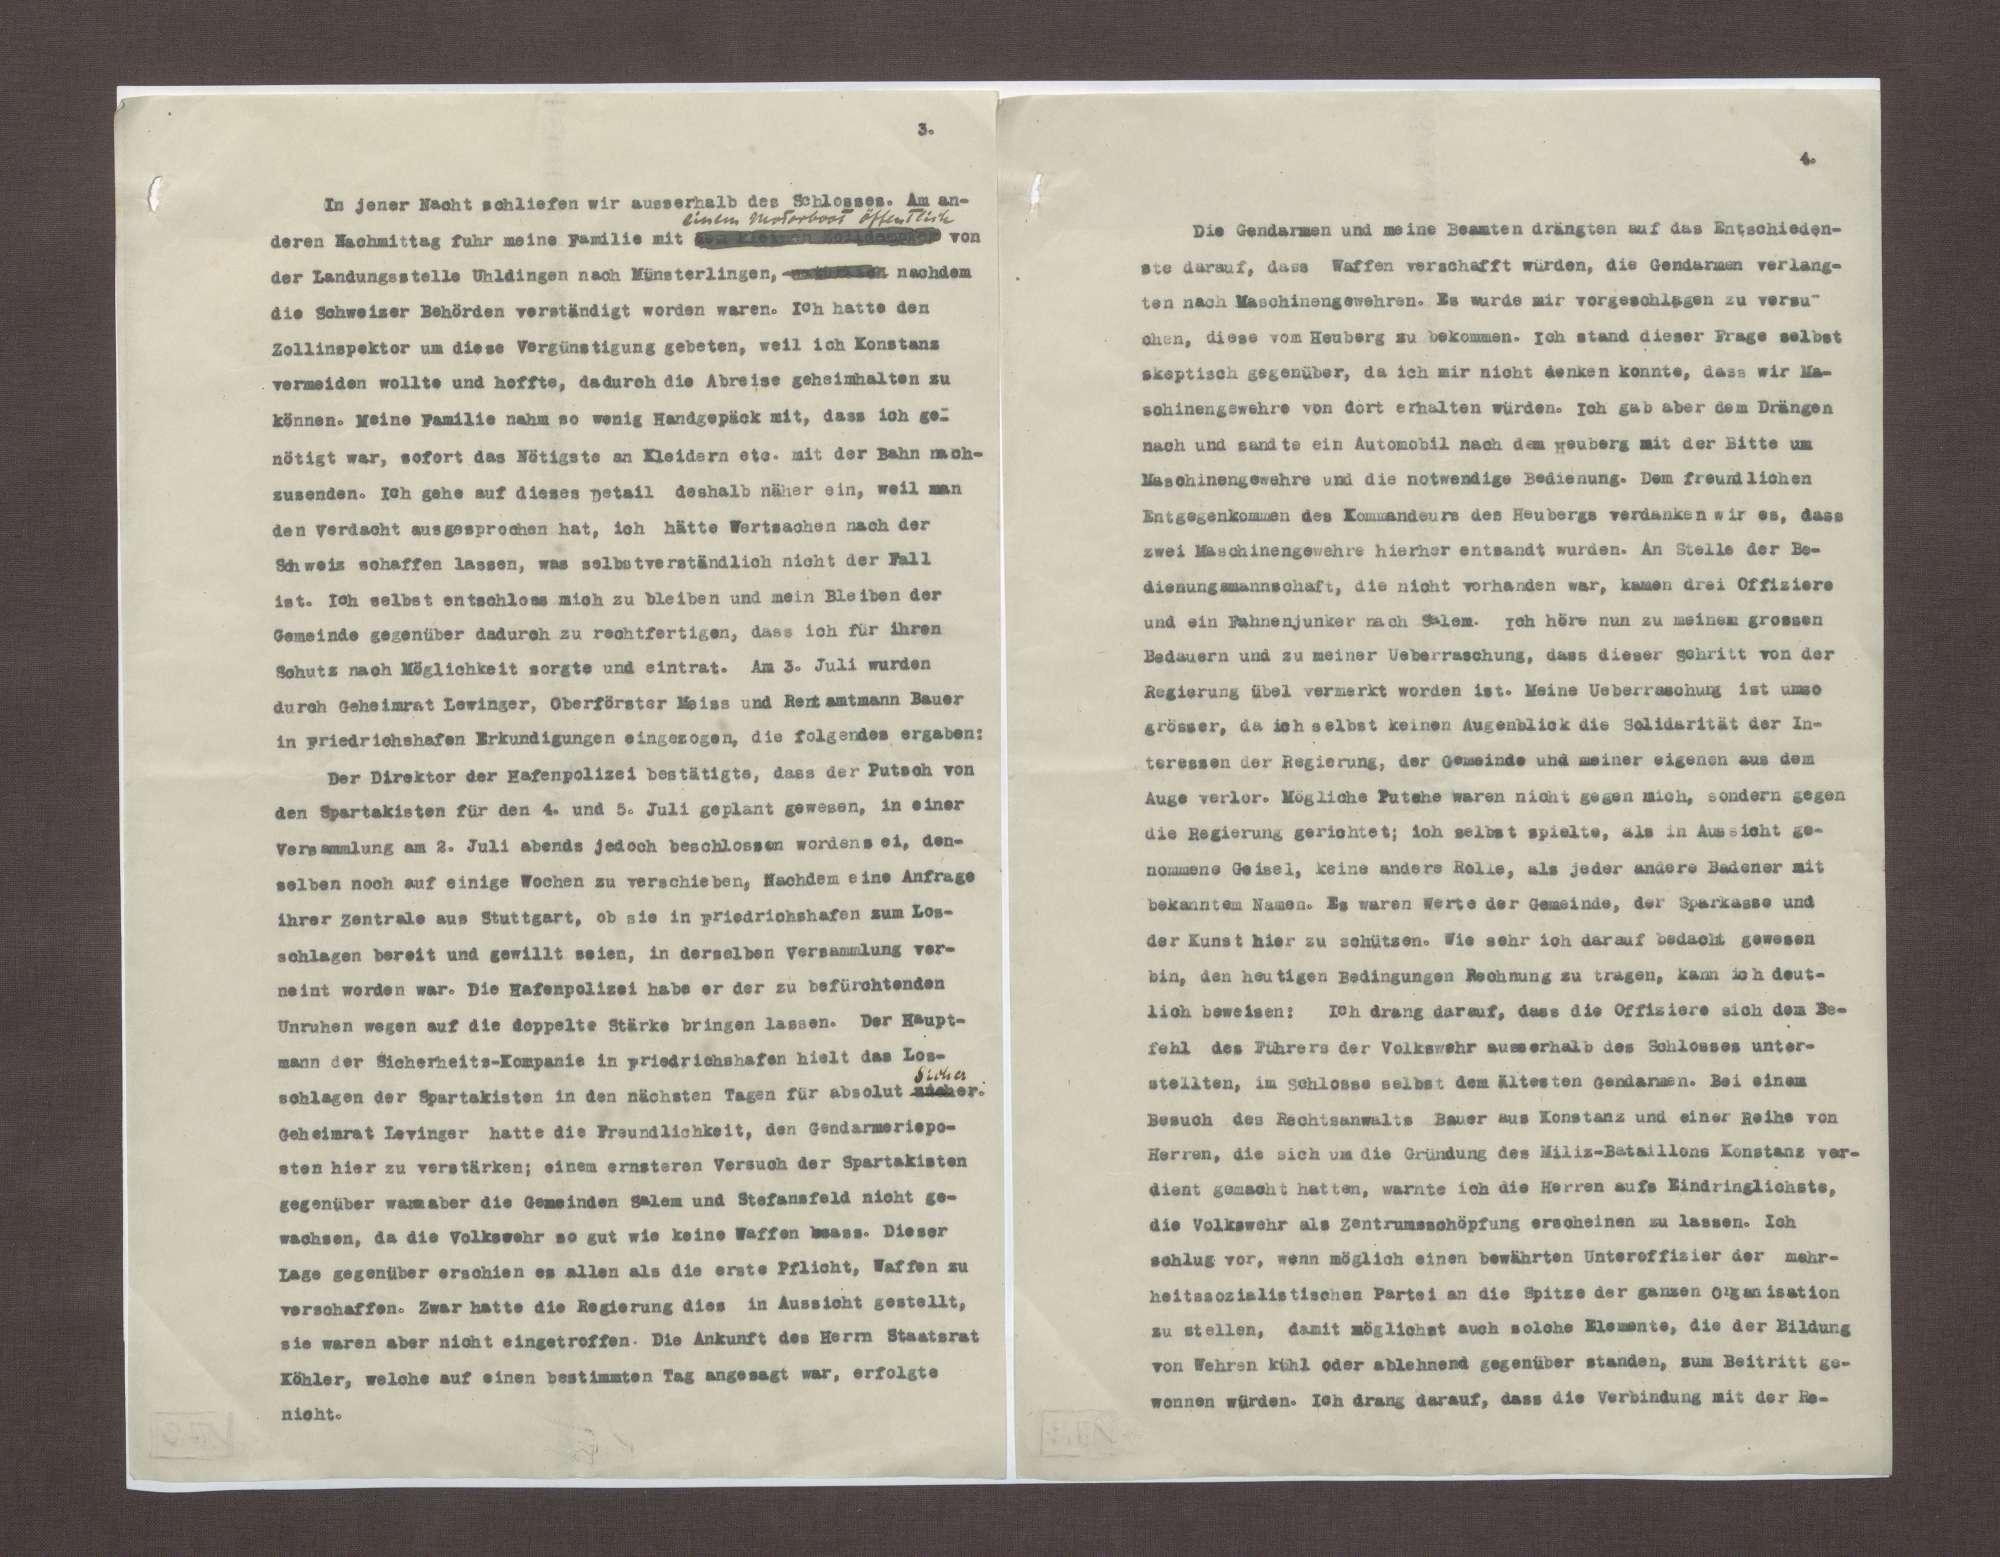 Schreiben von Prinz Max von Baden an Anton Geiß; Erklärung der Flucht seiner Familie mit der Bedrohung durch Spartakisten am Bodensee, Bild 2